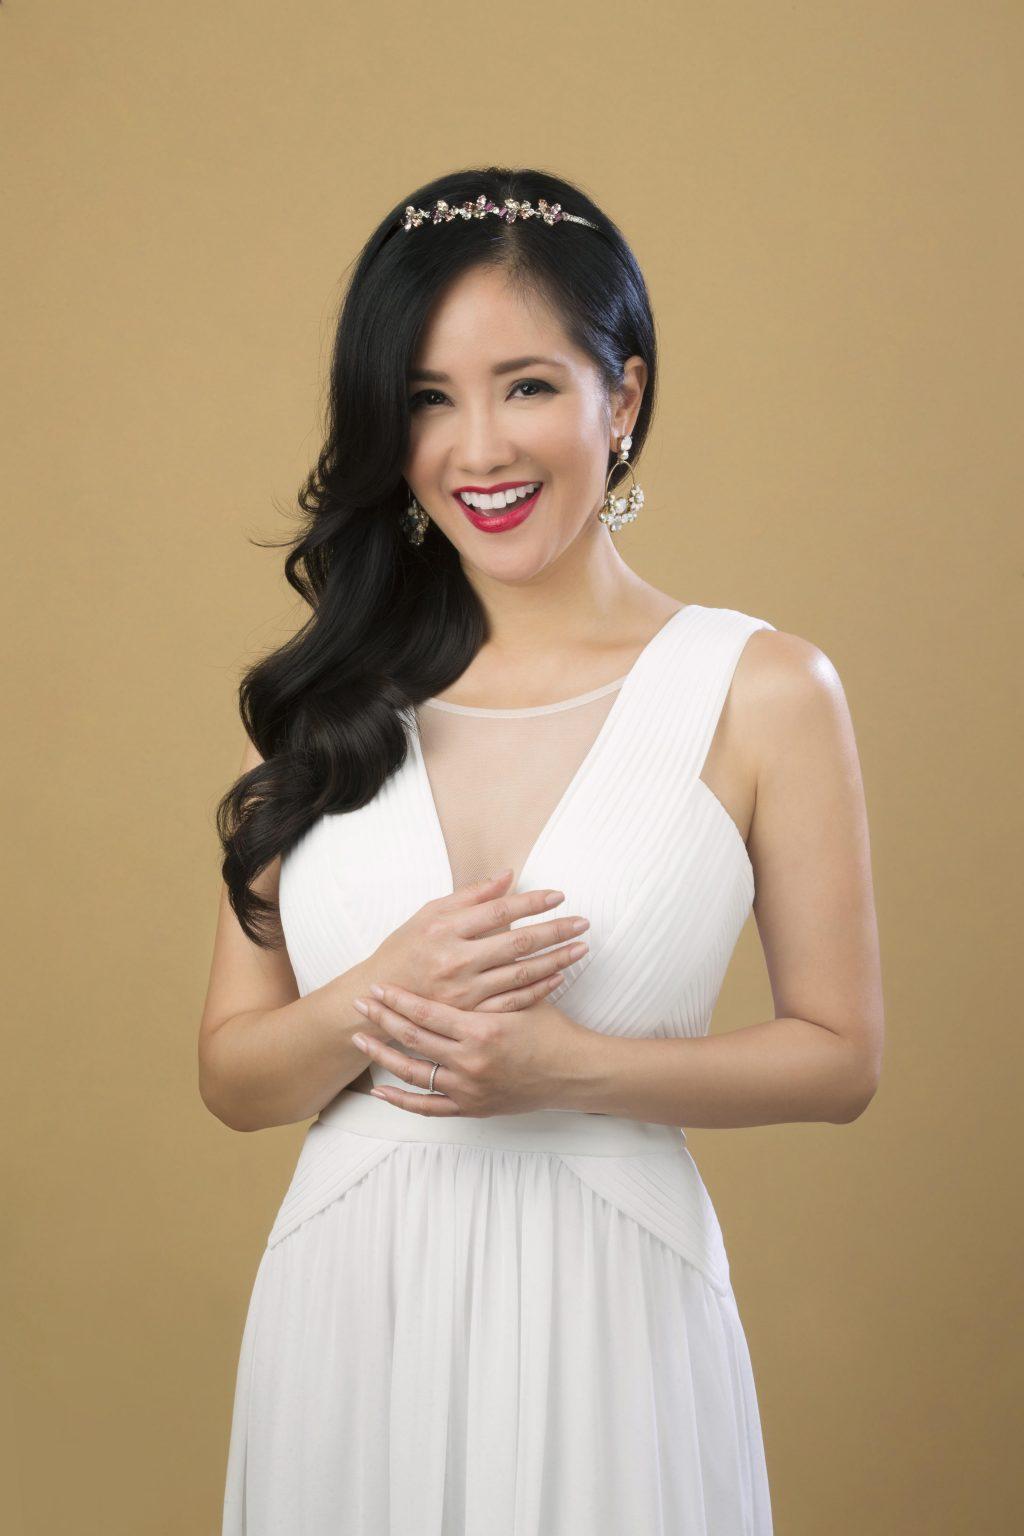 Ca sĩ Hồng Nhung là một trong những ngôi sao luôn tin dùng Collagen Gold Menard.